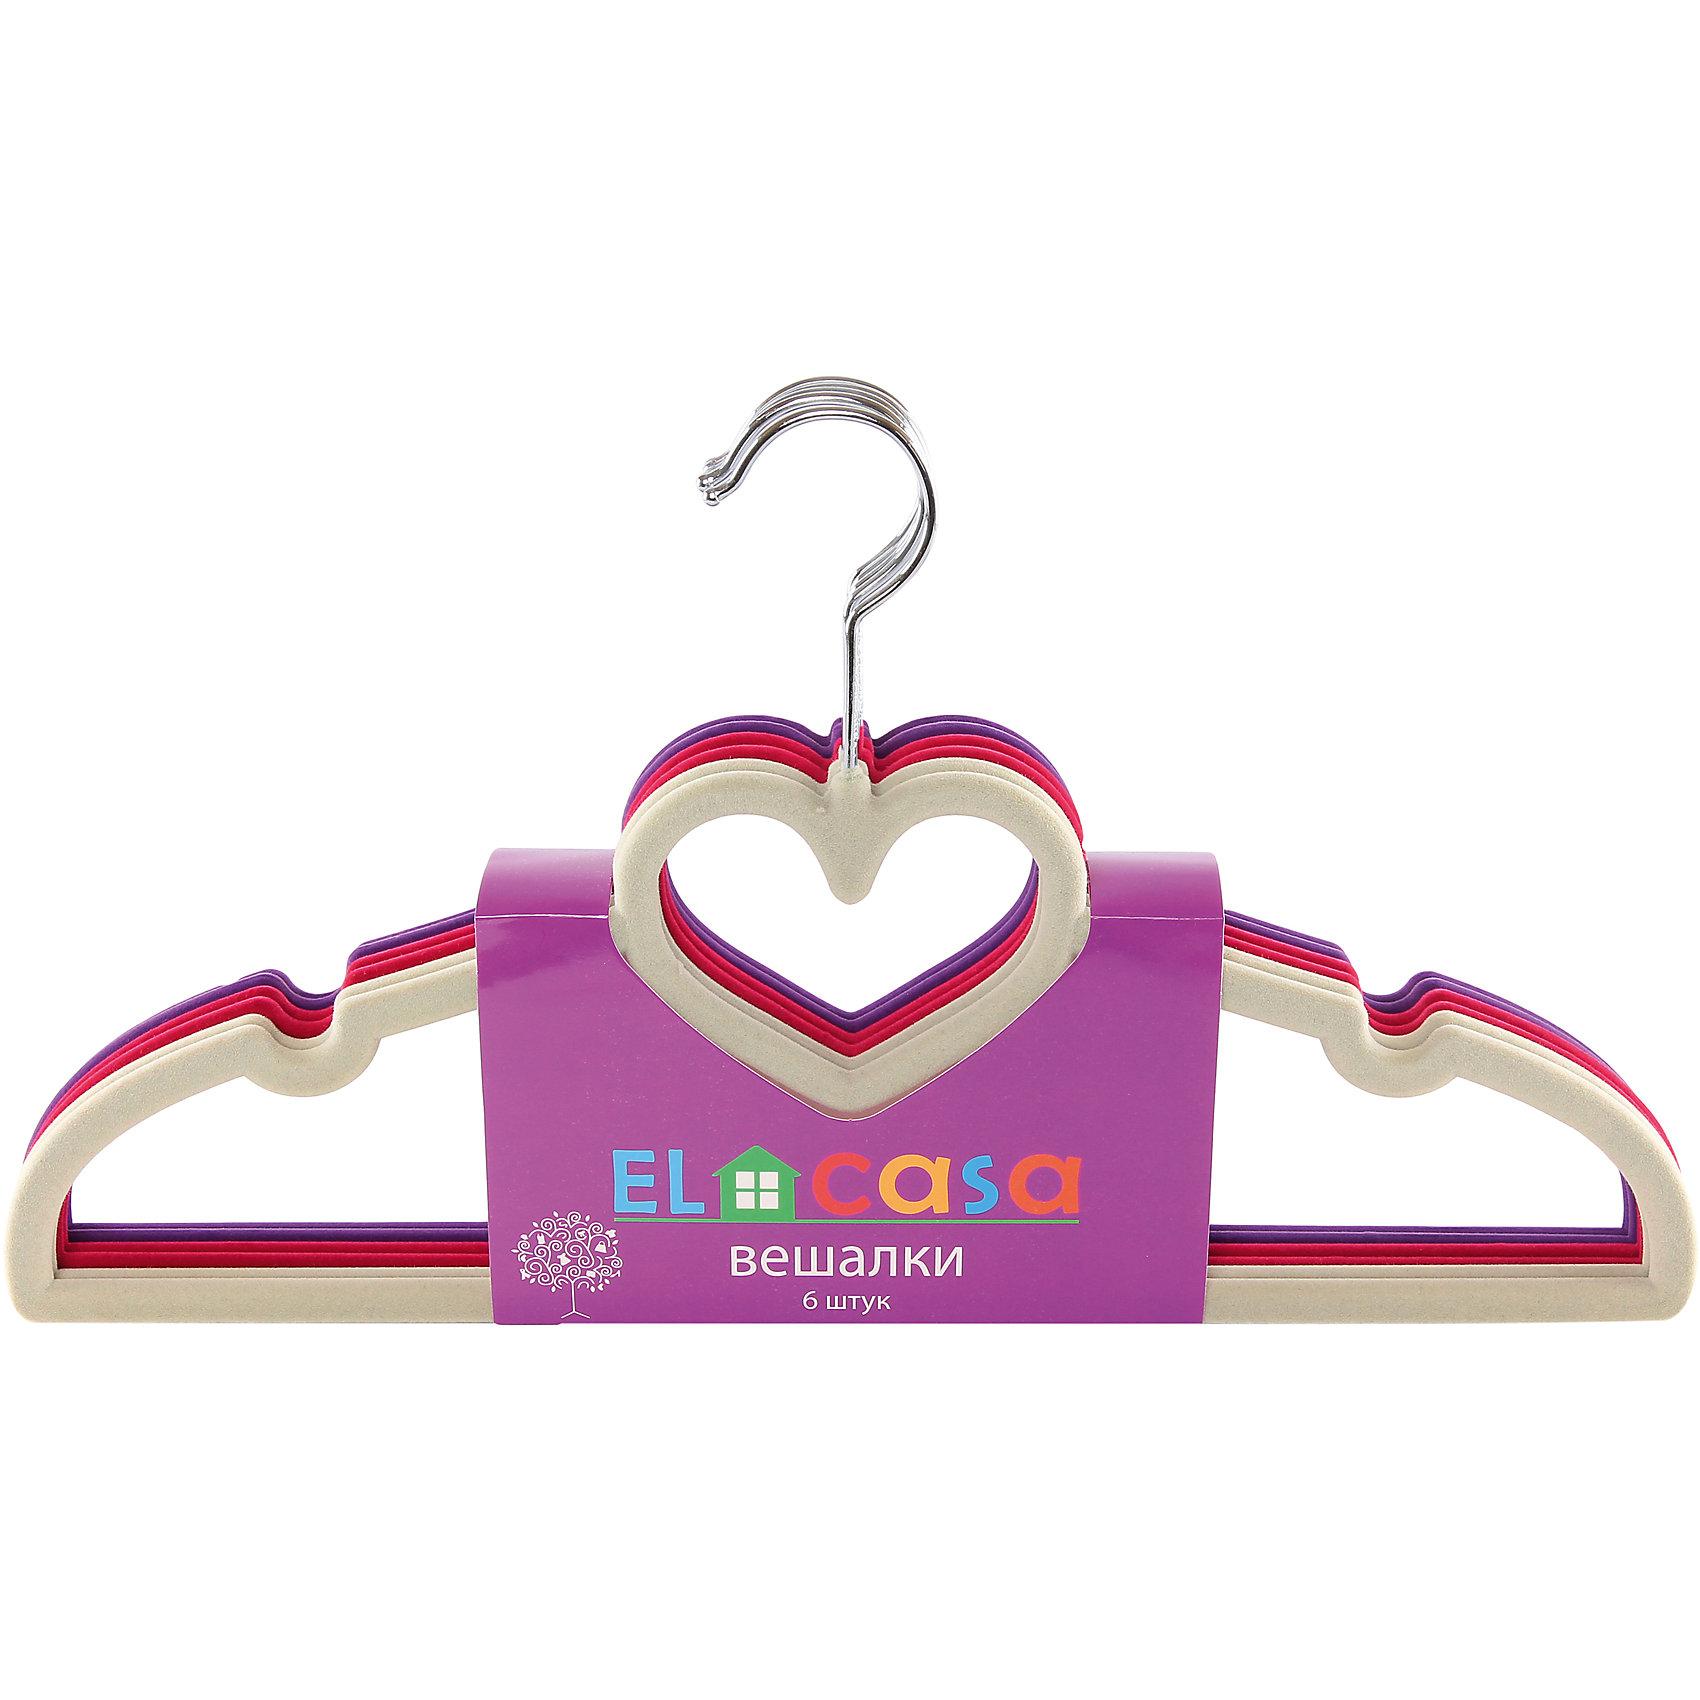 Вешалки 6 шт. 40*0,5*22 см. сердце, бежевый/бордовый/фиолетовый, EL CasaПредметы интерьера<br>Набор  разноцветных вешалок из пластика, имеющих велюровое антискользящее покрытие.  Подходят для универсального использования благодаря перекладине и двум крючкам  для юбок, а также для изделий из деликатных тканей.<br><br>Ширина мм: 400<br>Глубина мм: 35<br>Высота мм: 220<br>Вес г: 380<br>Возраст от месяцев: 0<br>Возраст до месяцев: 1188<br>Пол: Унисекс<br>Возраст: Детский<br>SKU: 6668638